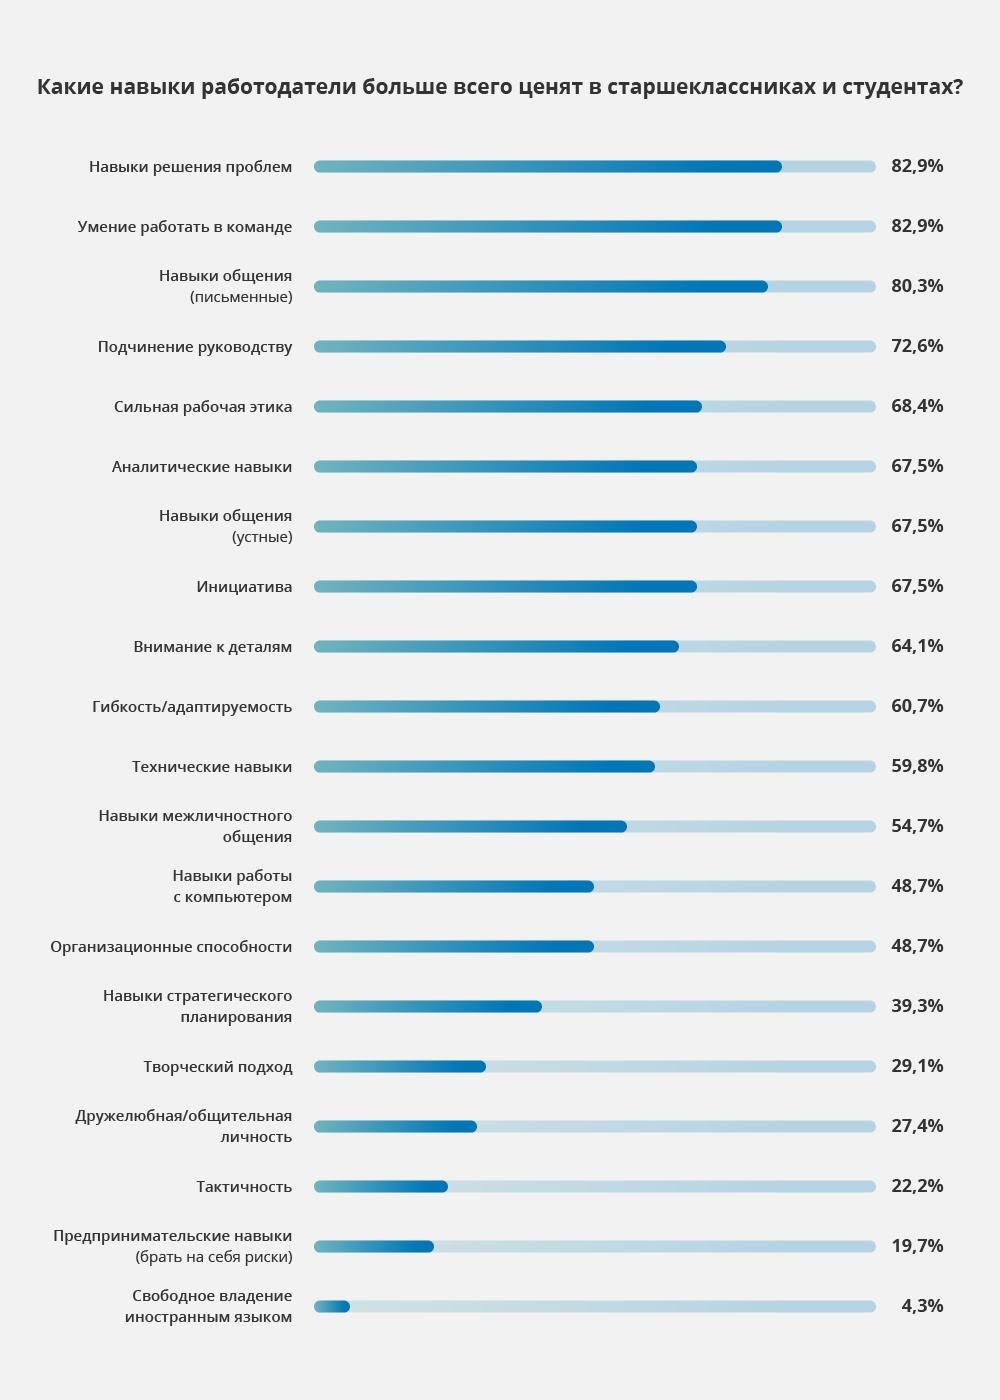 какие навыки работодатели больше всего ценят в старшеклассниках и студентах?